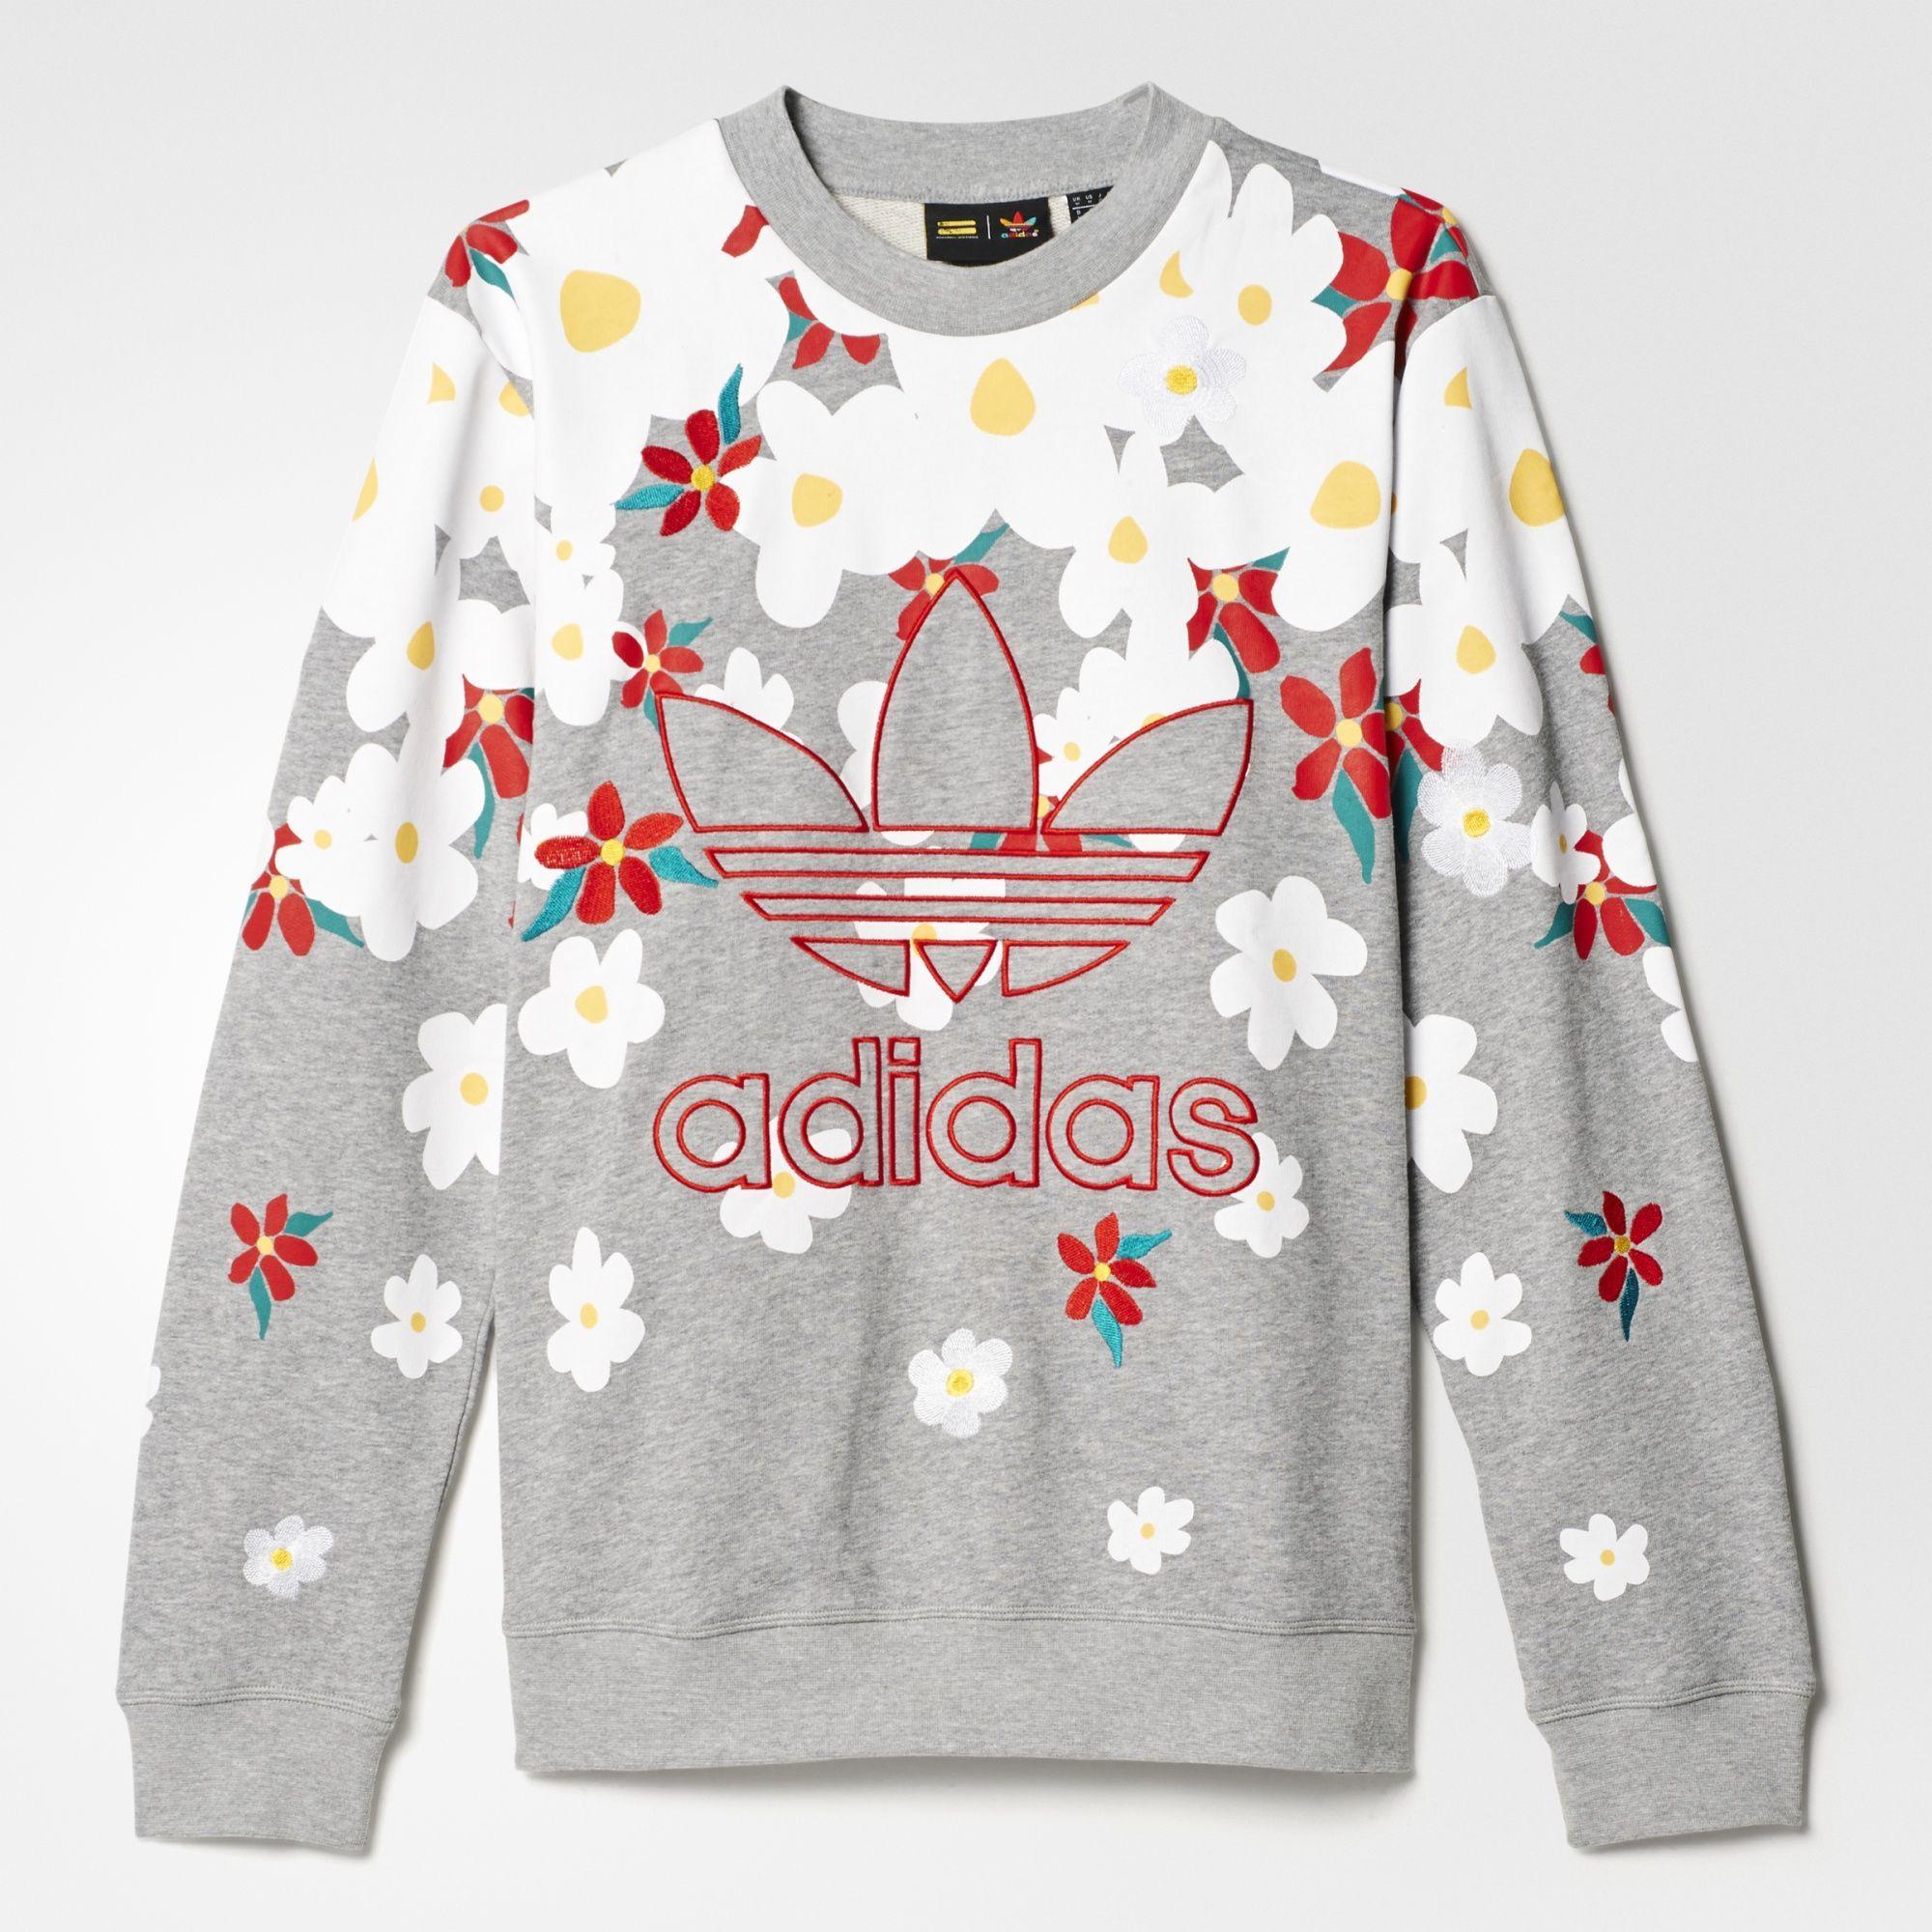 detailed images fashion styles new lifestyle adidas - Sweat-shirt Pharrell Williams Kauwela | ••• To Buy ...